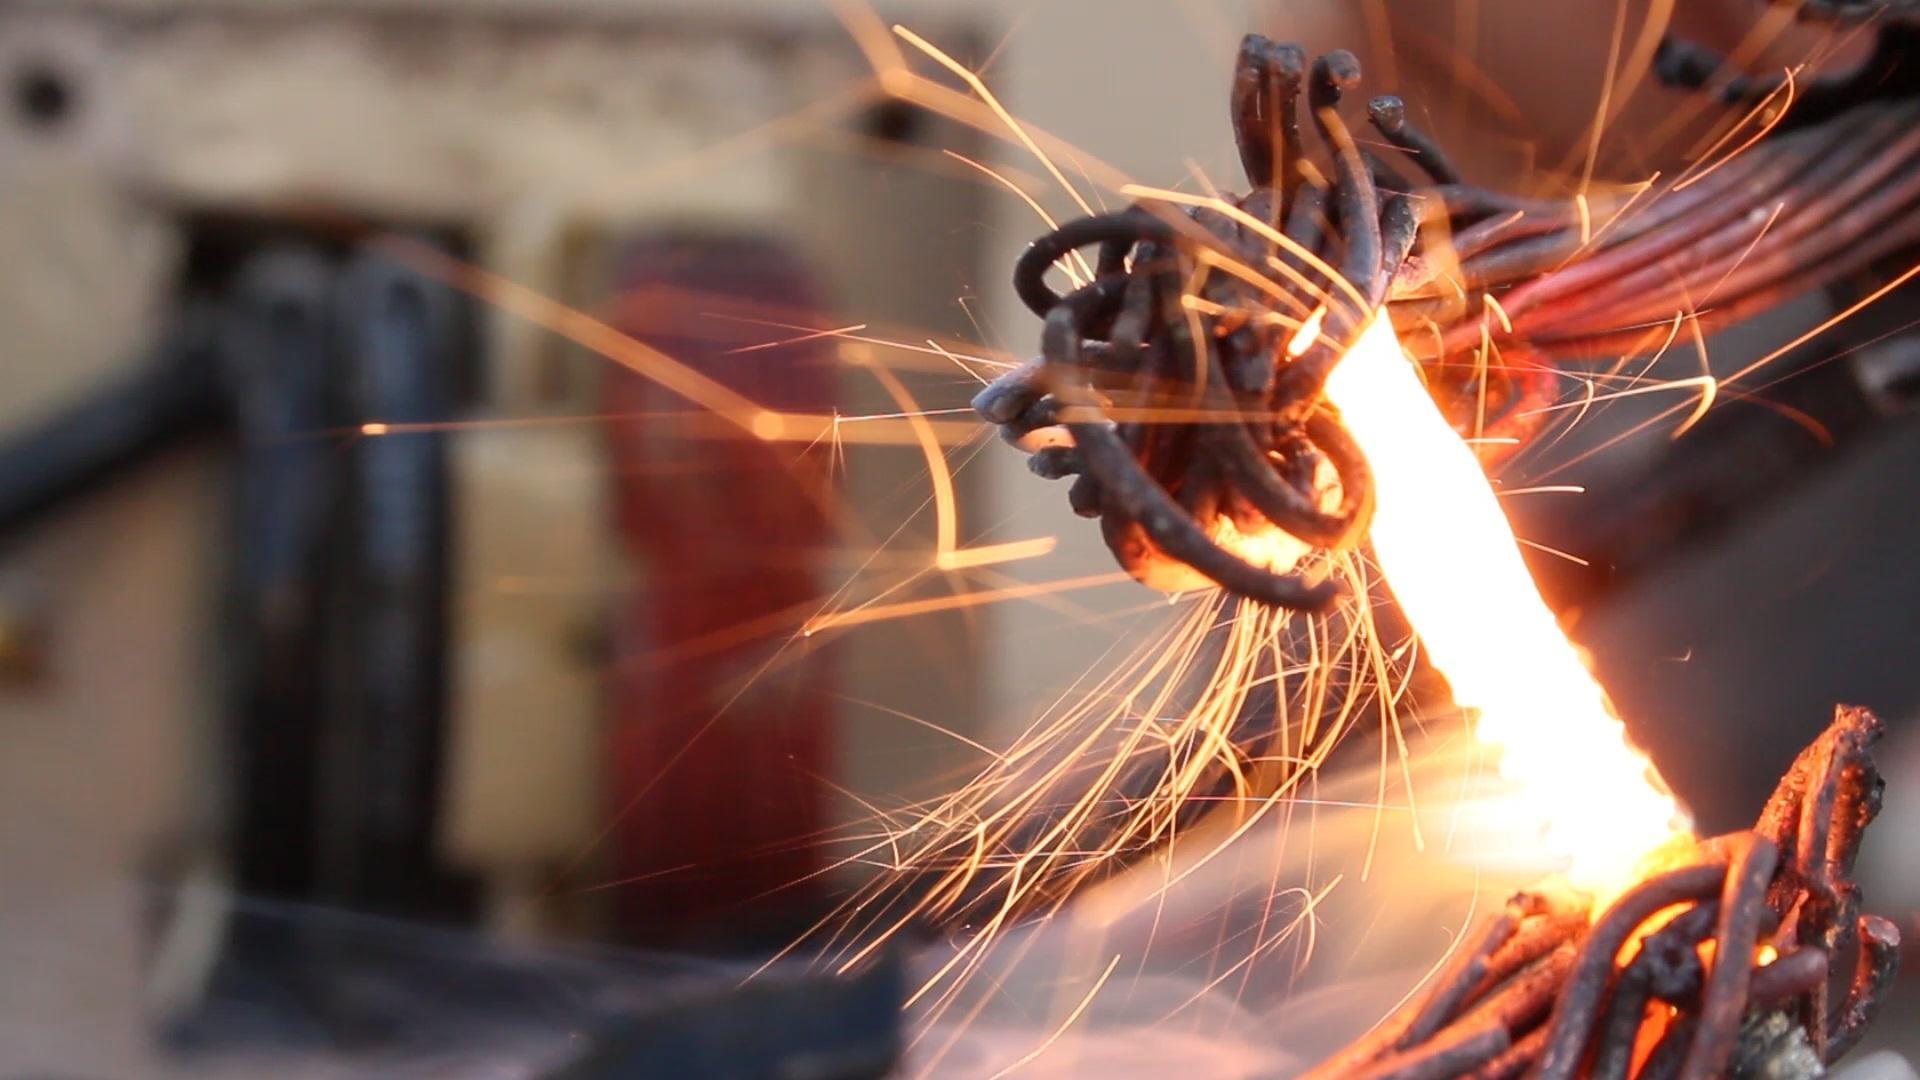 Как расплавить металлический болт с помощью трансформатора от СВЧ-печи: странное видео